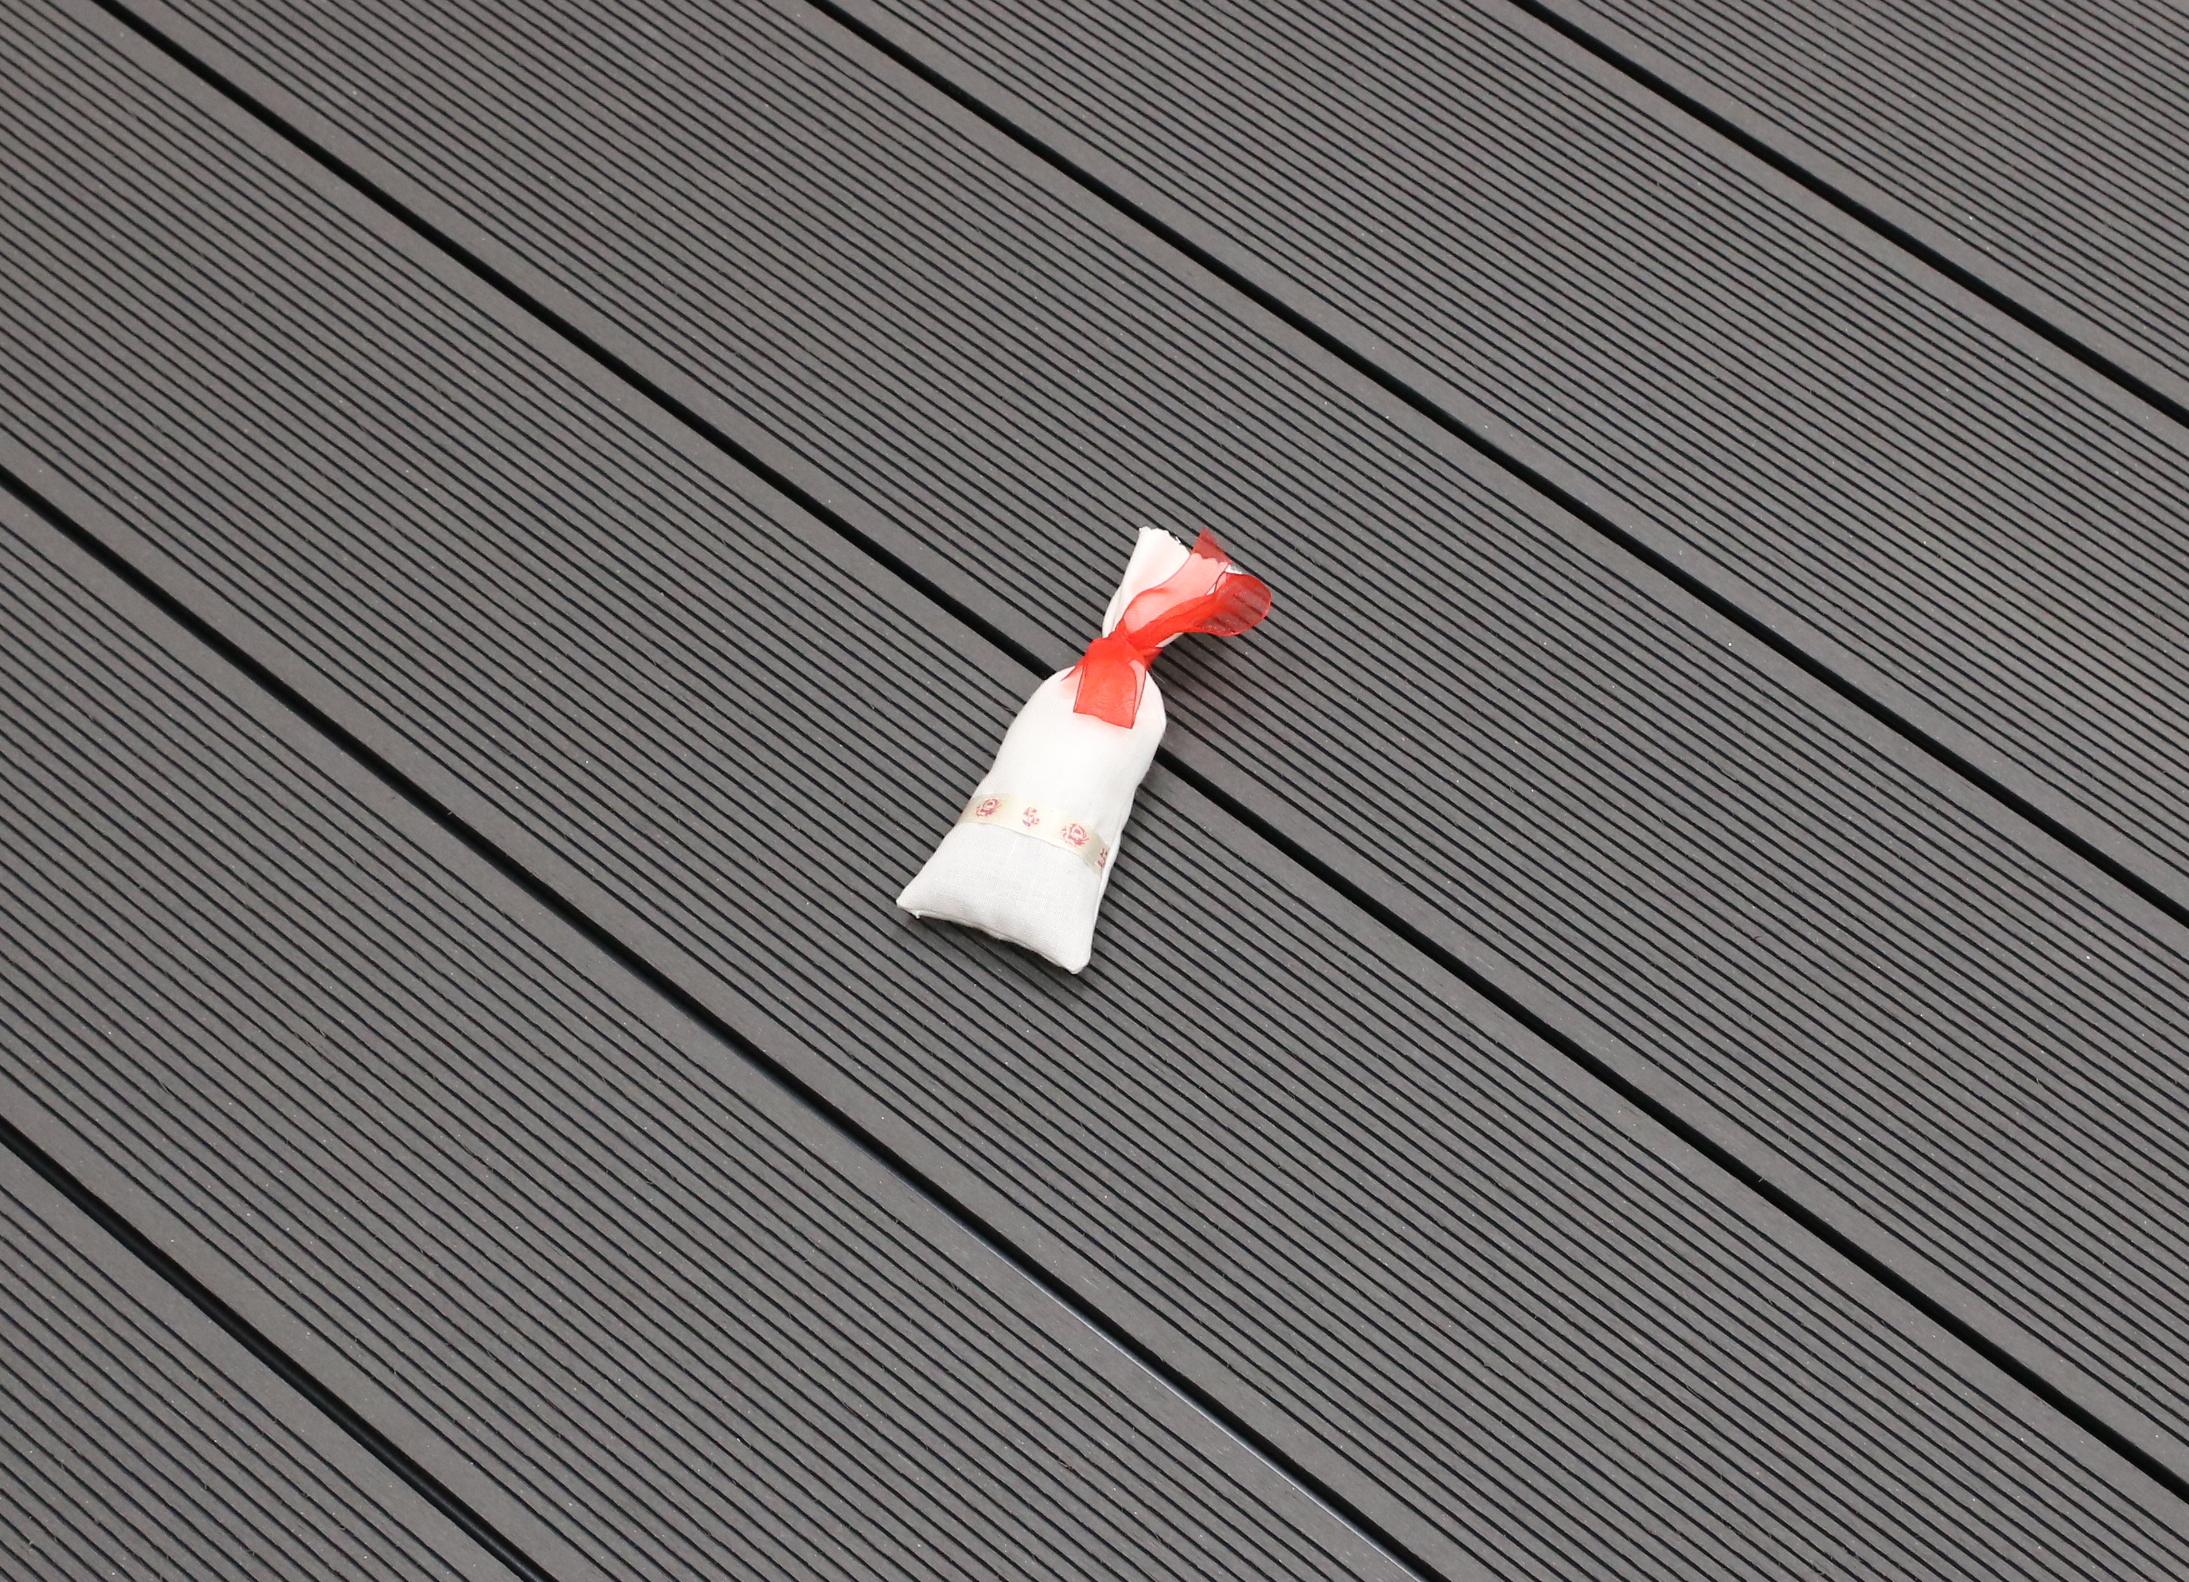 WPC Terrasse Hohlkammer, dunkelgrau, Oberfläche fein gerillt, 22 x 146 bis 4800 mm 5,30 €/lfm